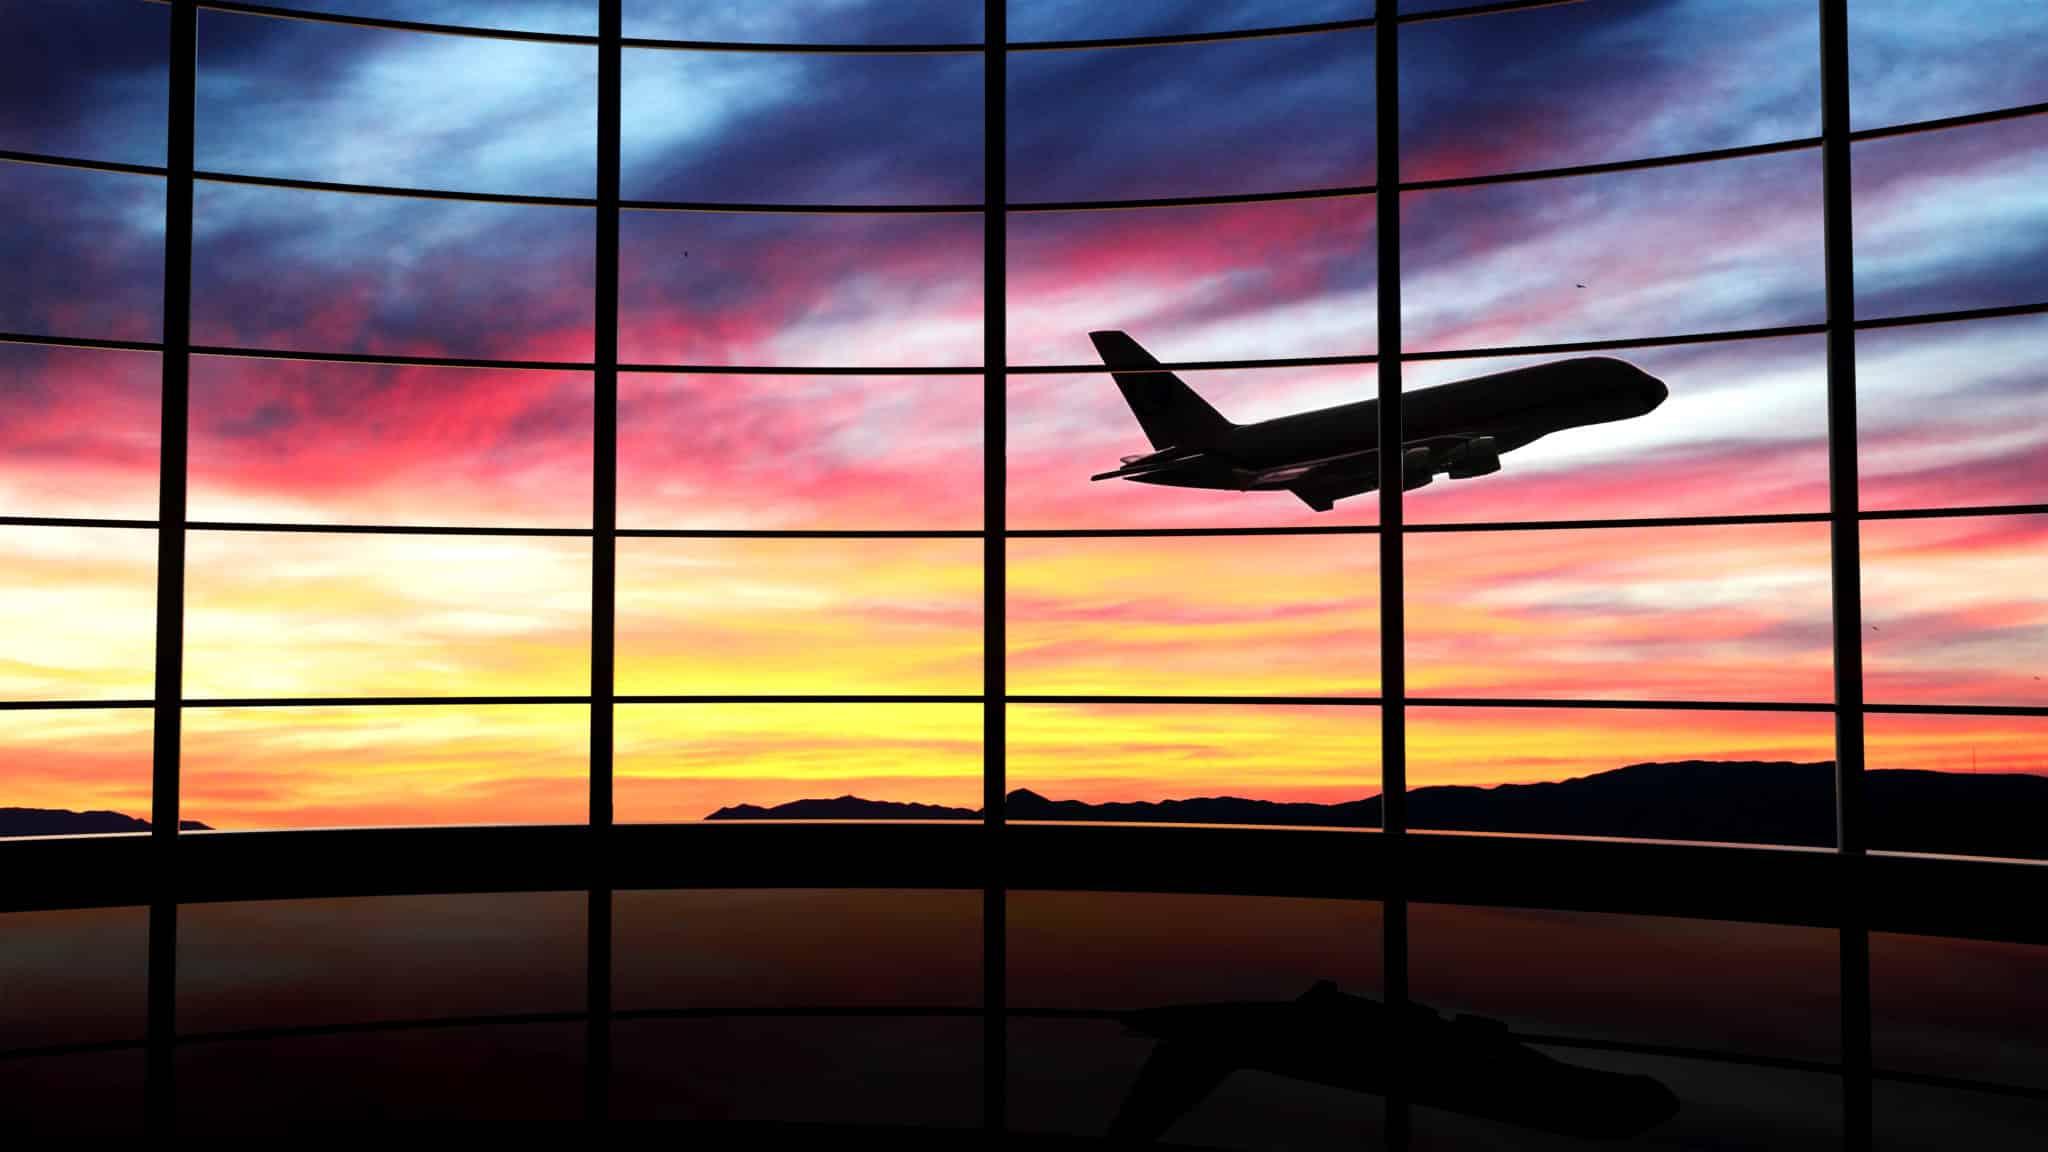 フィリピンの空港